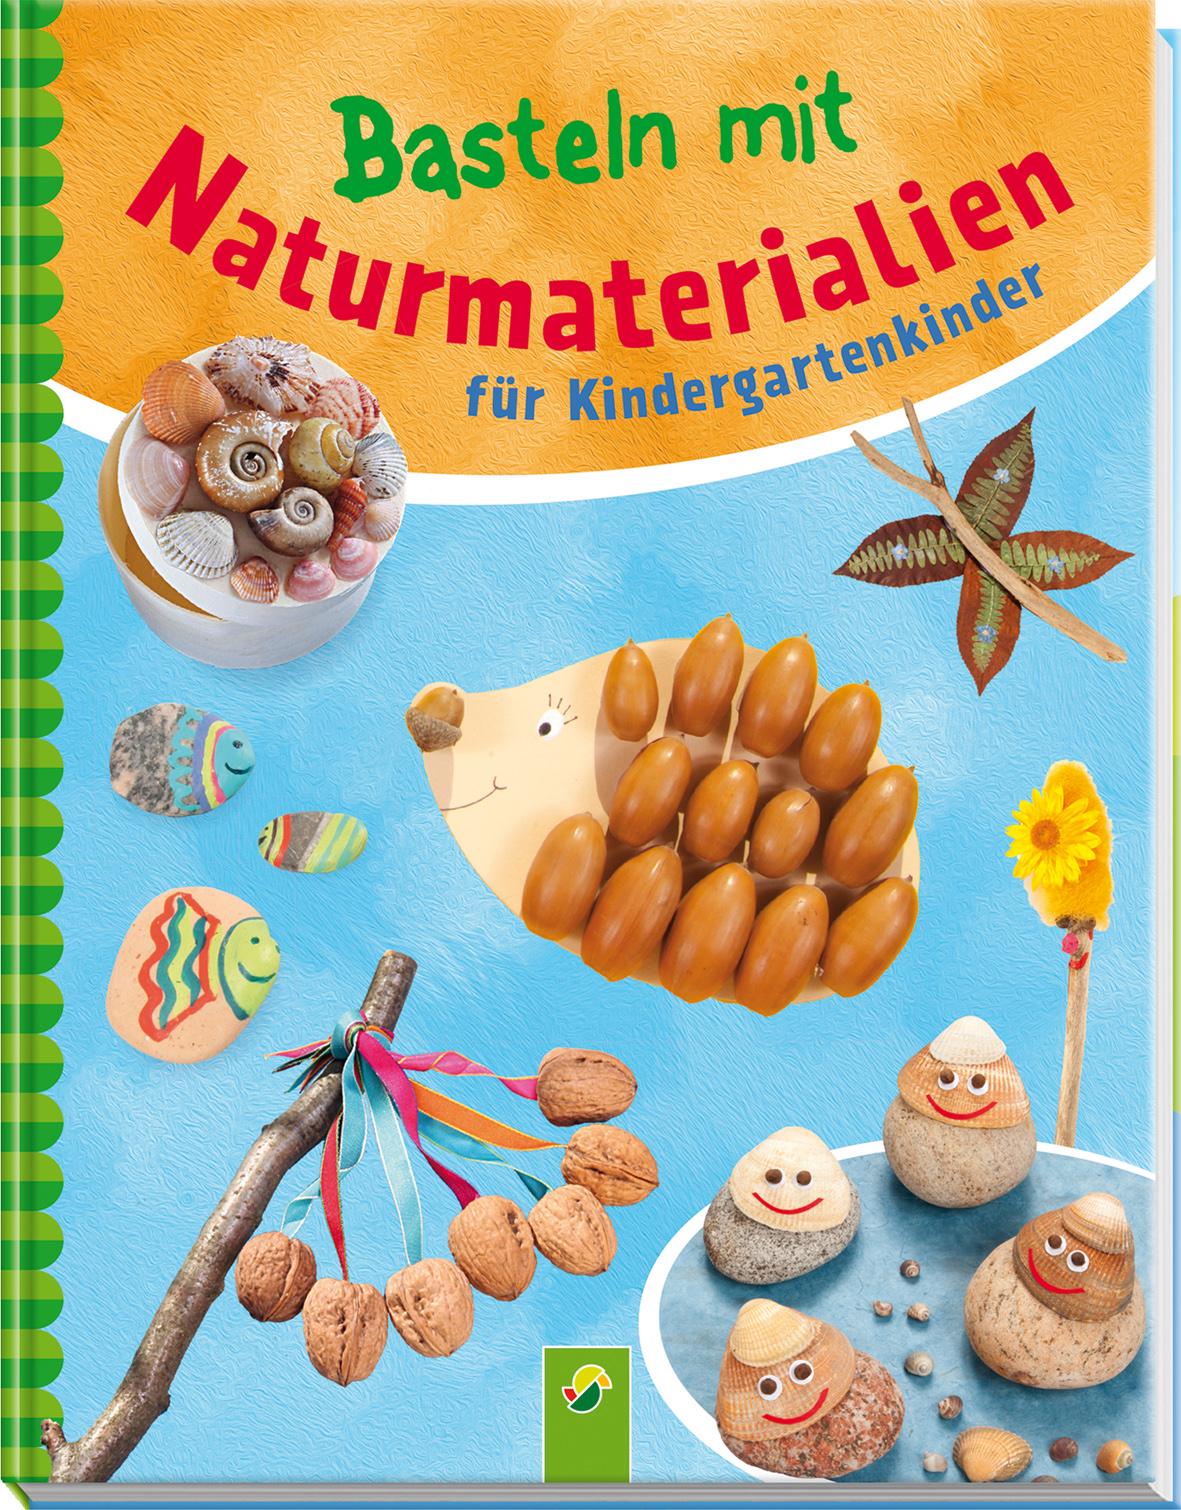 basteln mit naturmaterial für kindergartenkinder - schwager, Wohnzimmer dekoo